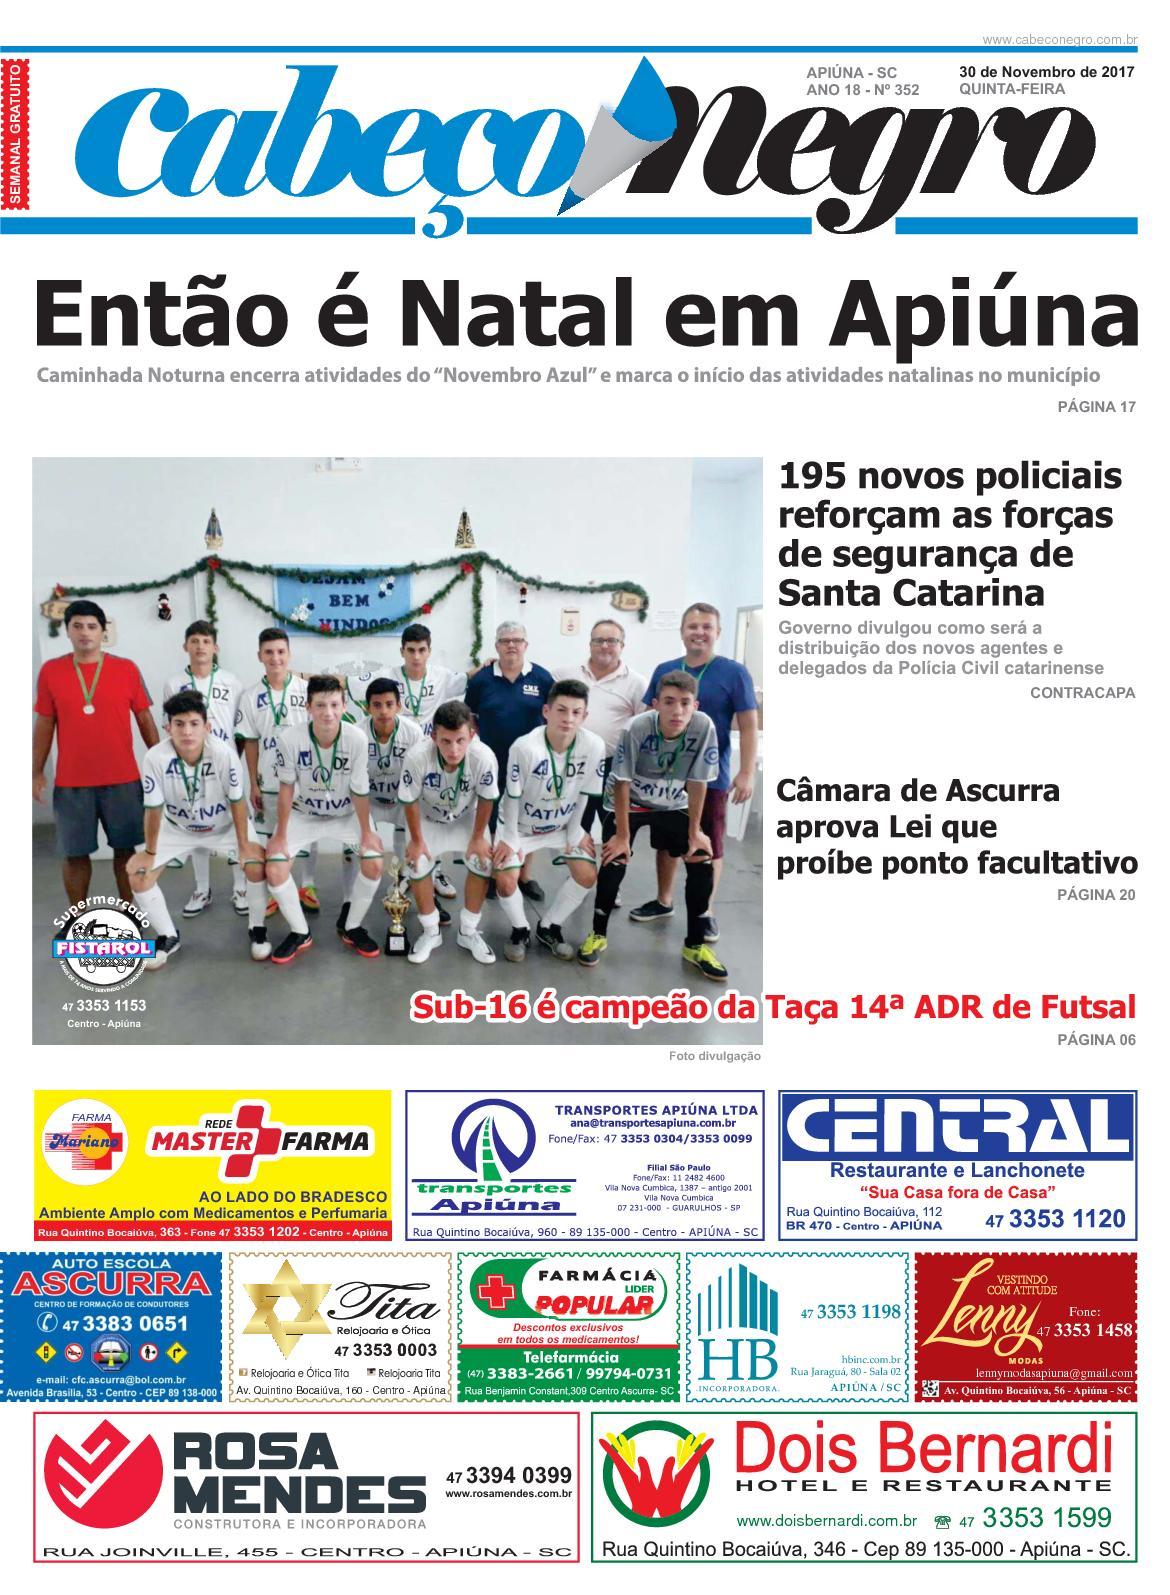 Jornal CABEÇO NEGRO - Edição 352 30NOV2017